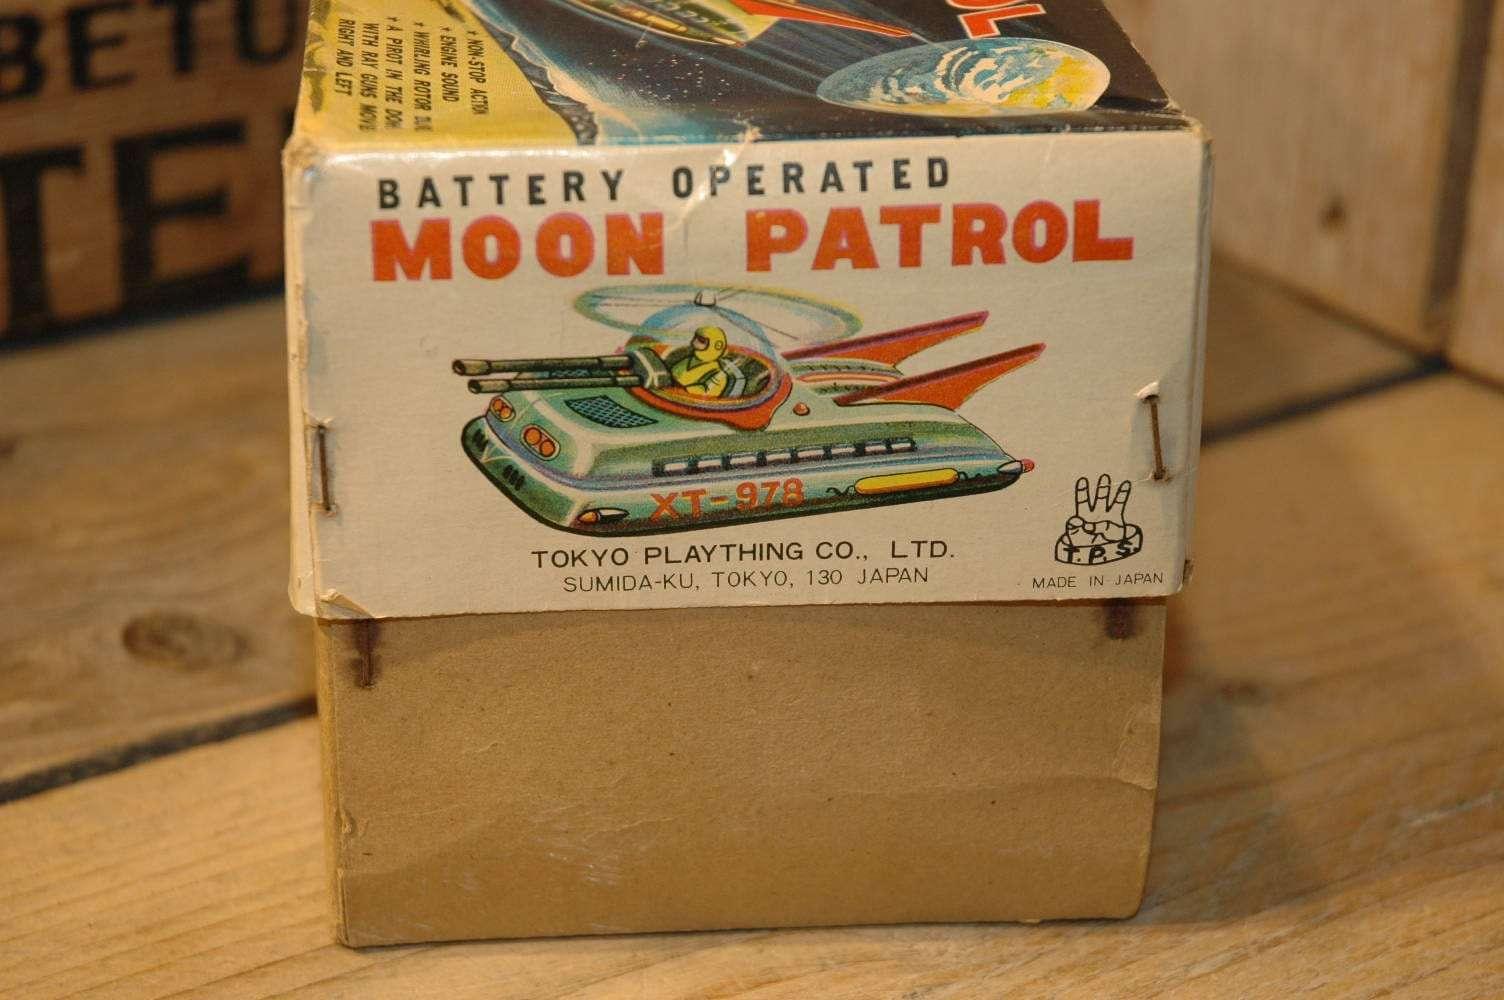 Tps - Moon Patrol XT-978